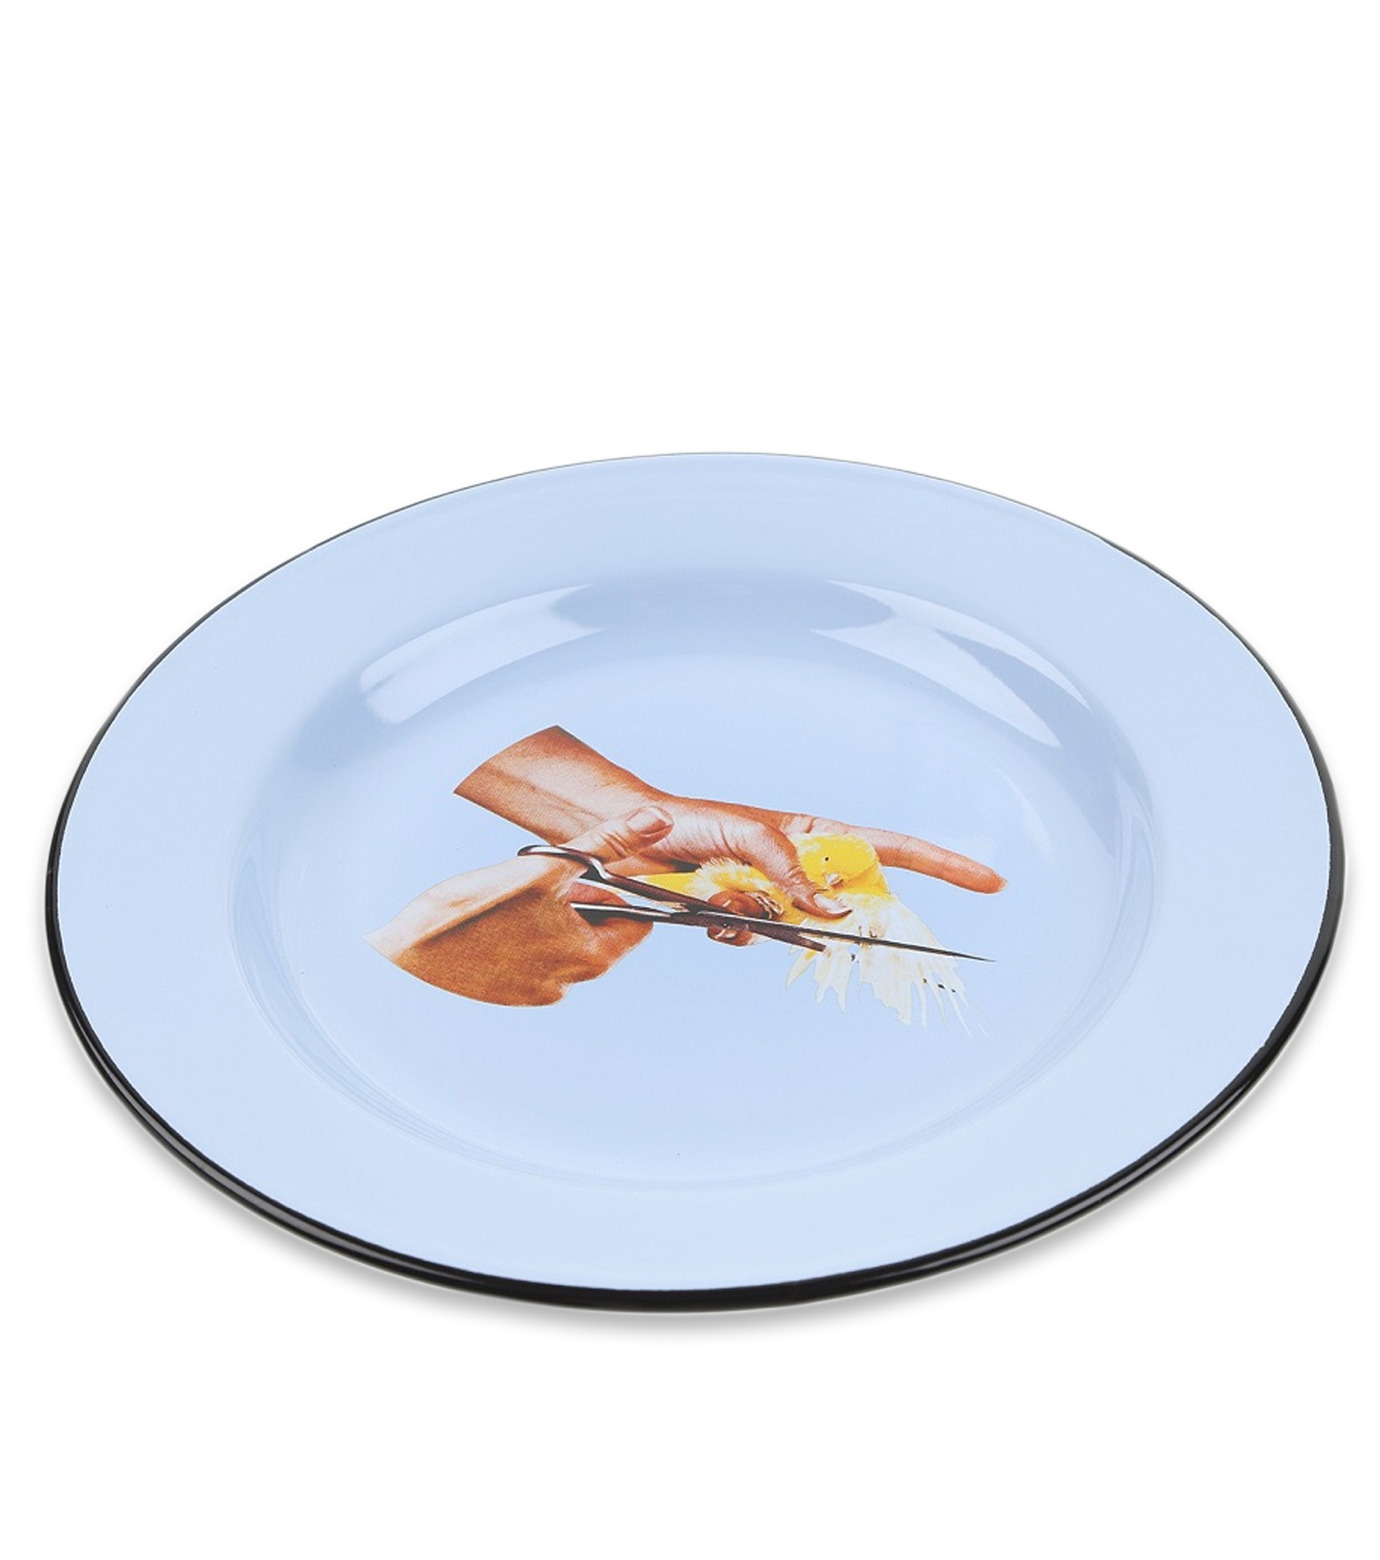 Seletti(セレッティ)のEnamel Plate -Bird--NONE(キッチン/kitchen)-126179-0 拡大詳細画像2